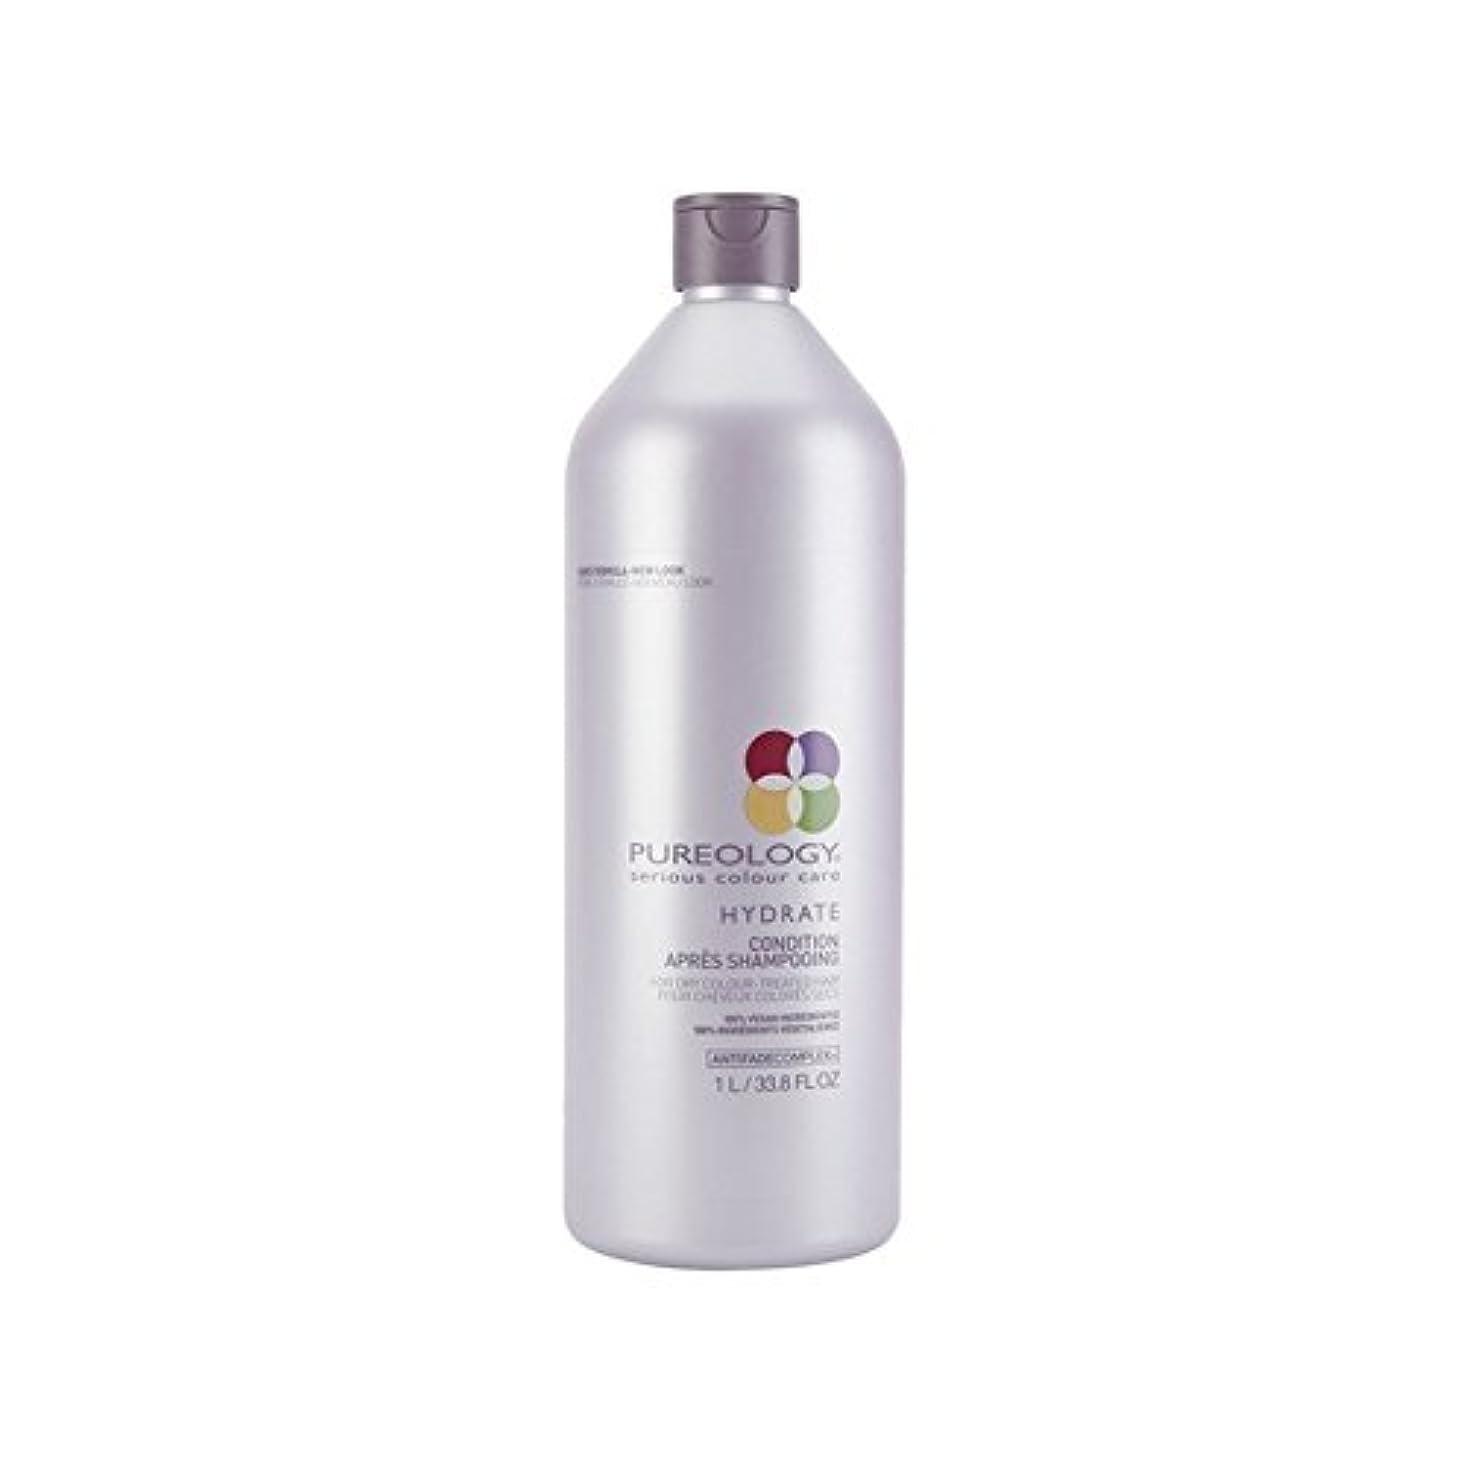 エキゾチック国民ブランド名純粋な水和物コンディショナー(千ミリリットル) x4 - Pureology Pure Hydrate Conditioner (1000ml) (Pack of 4) [並行輸入品]